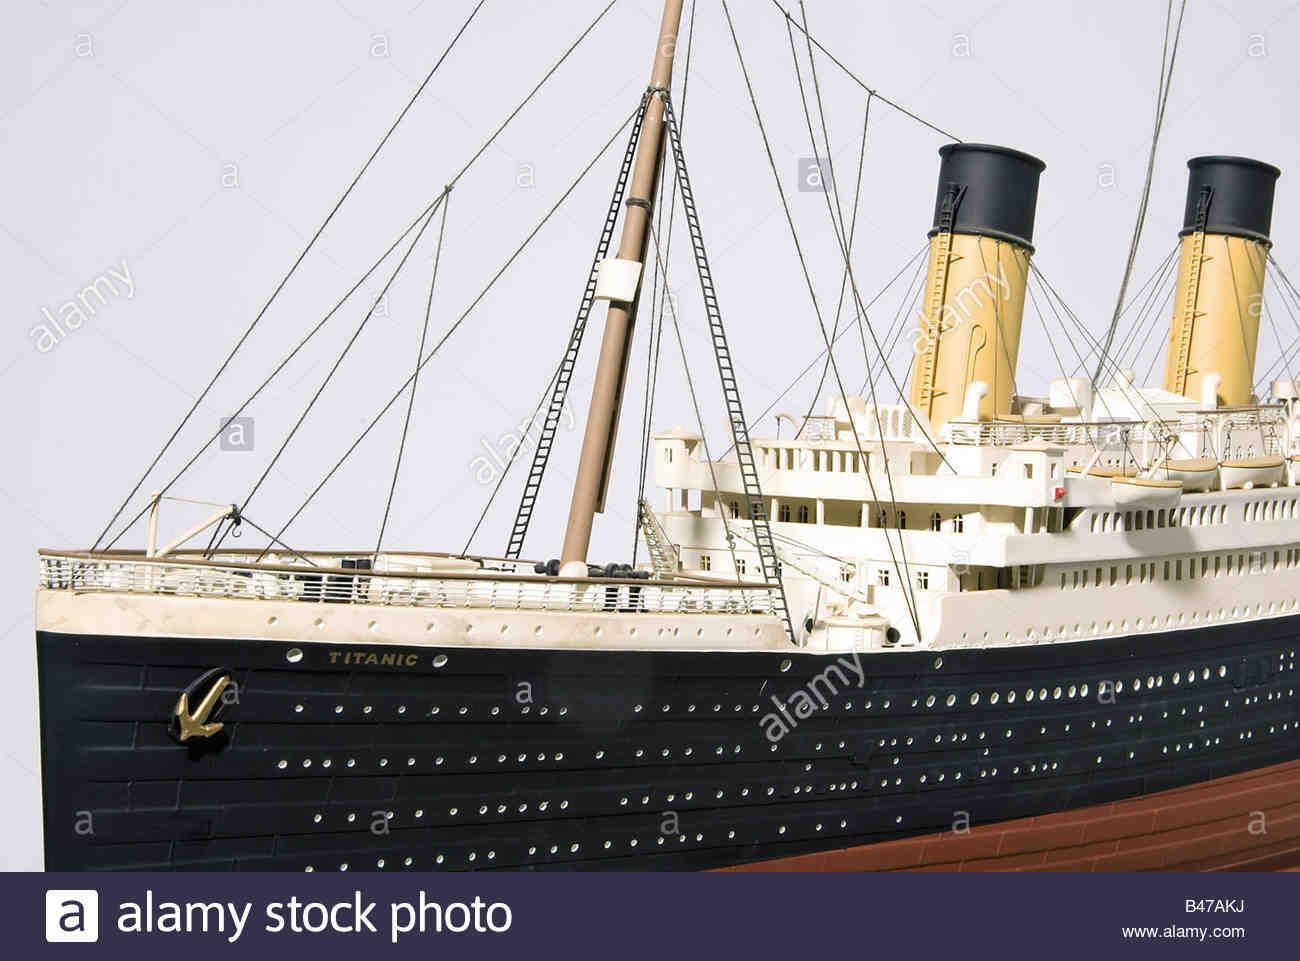 Pourquoi le Titanic est-il si populaire?